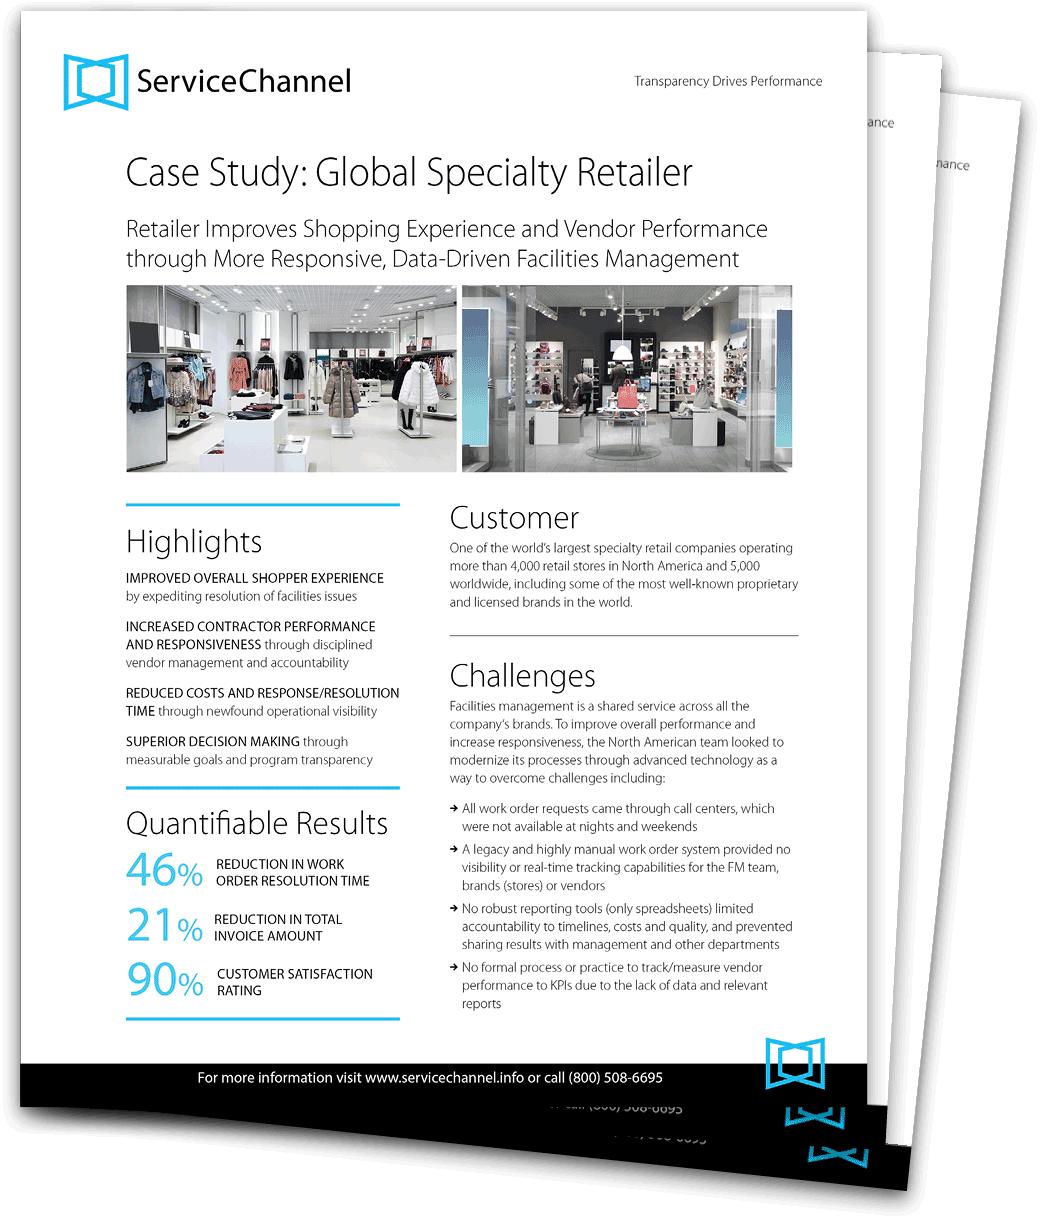 Global Specialty Retailer